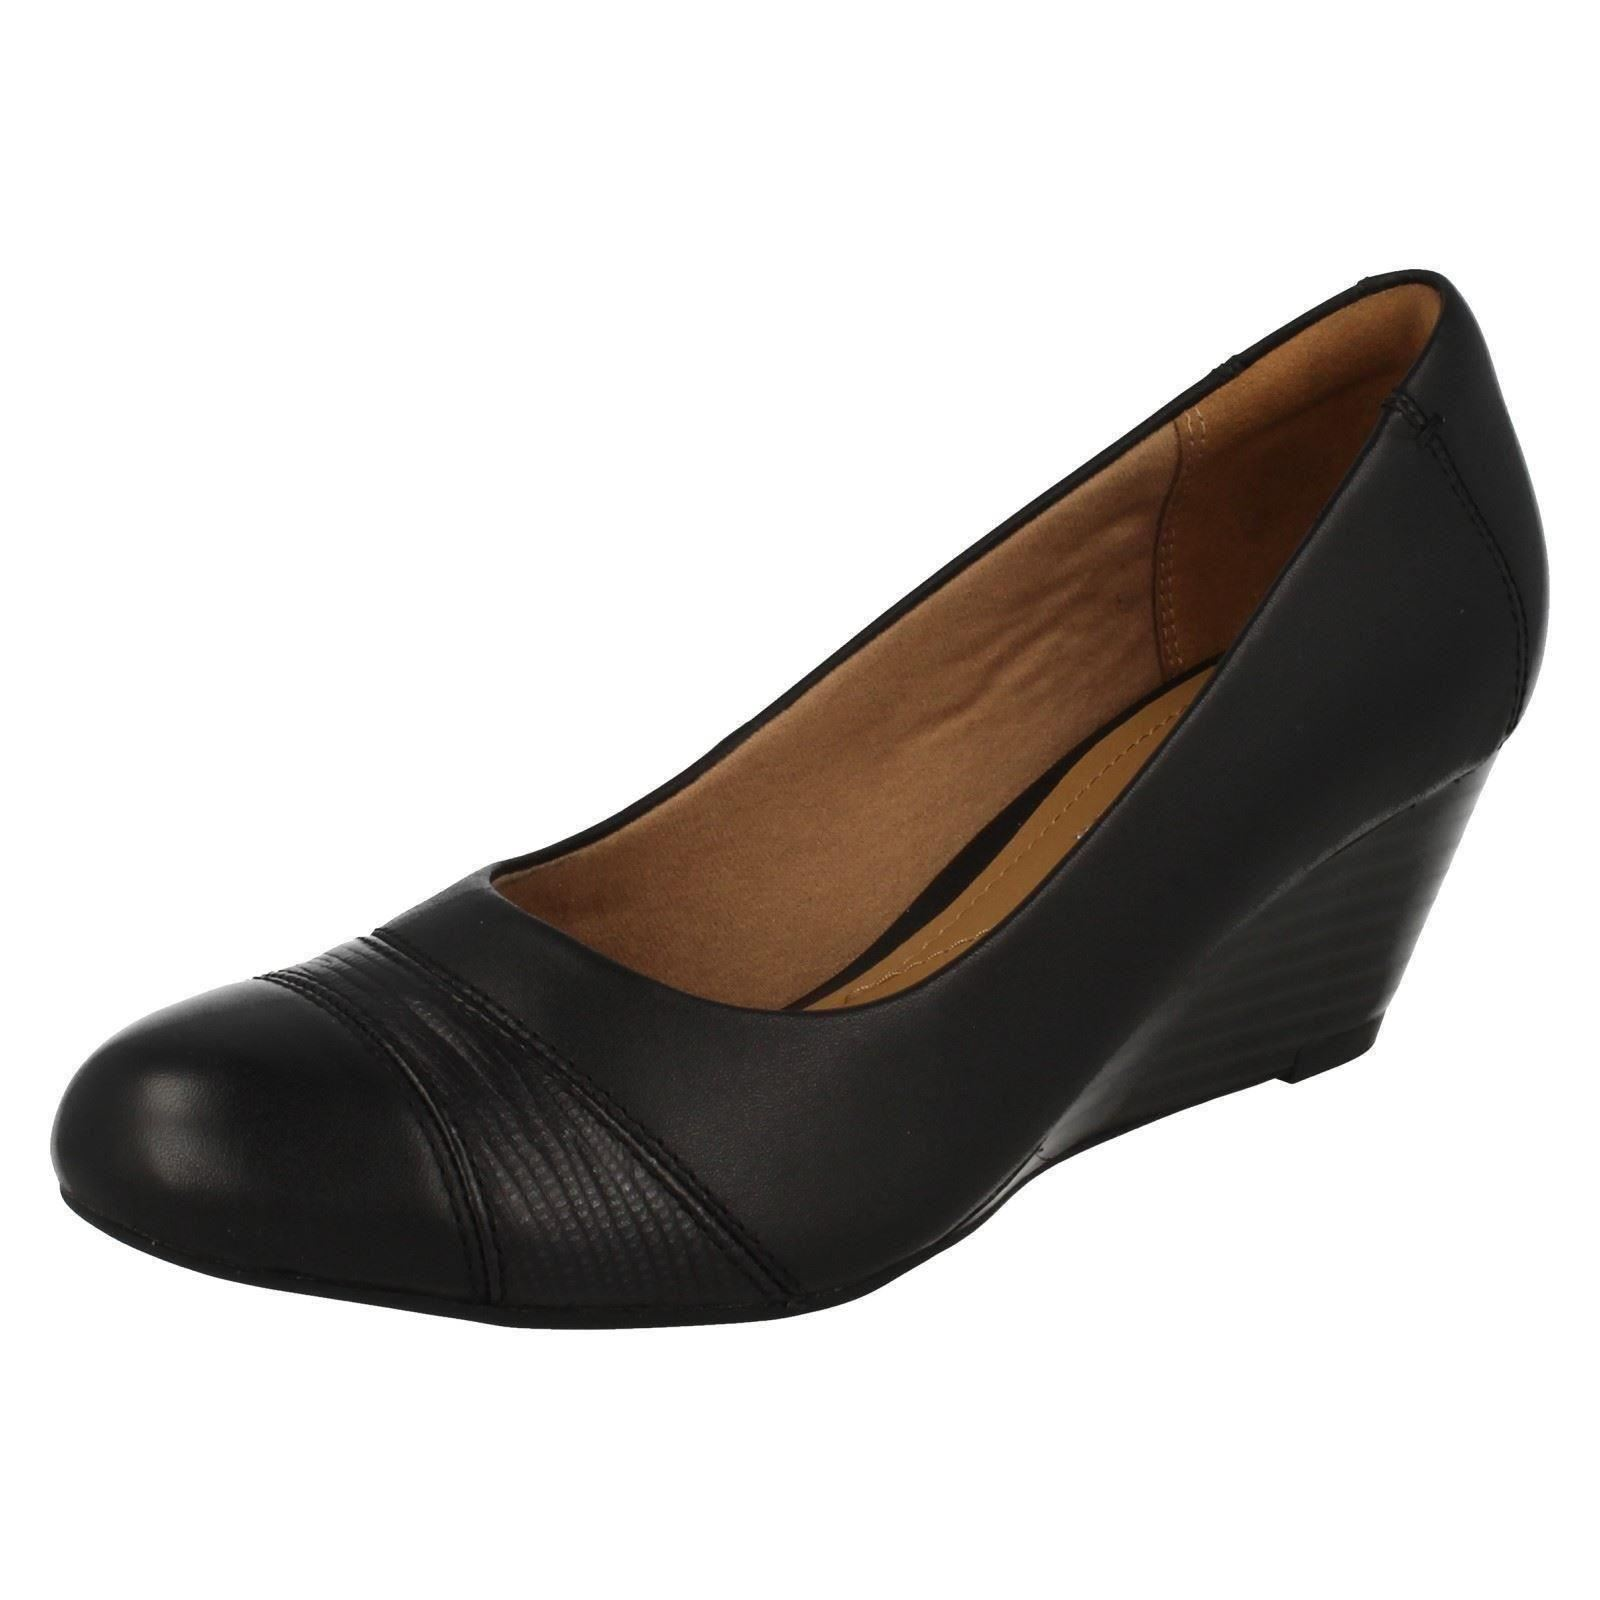 Damen Damen Damen Clarks Keilabsatz Schuhe' Brielle Tacha ' fc2240